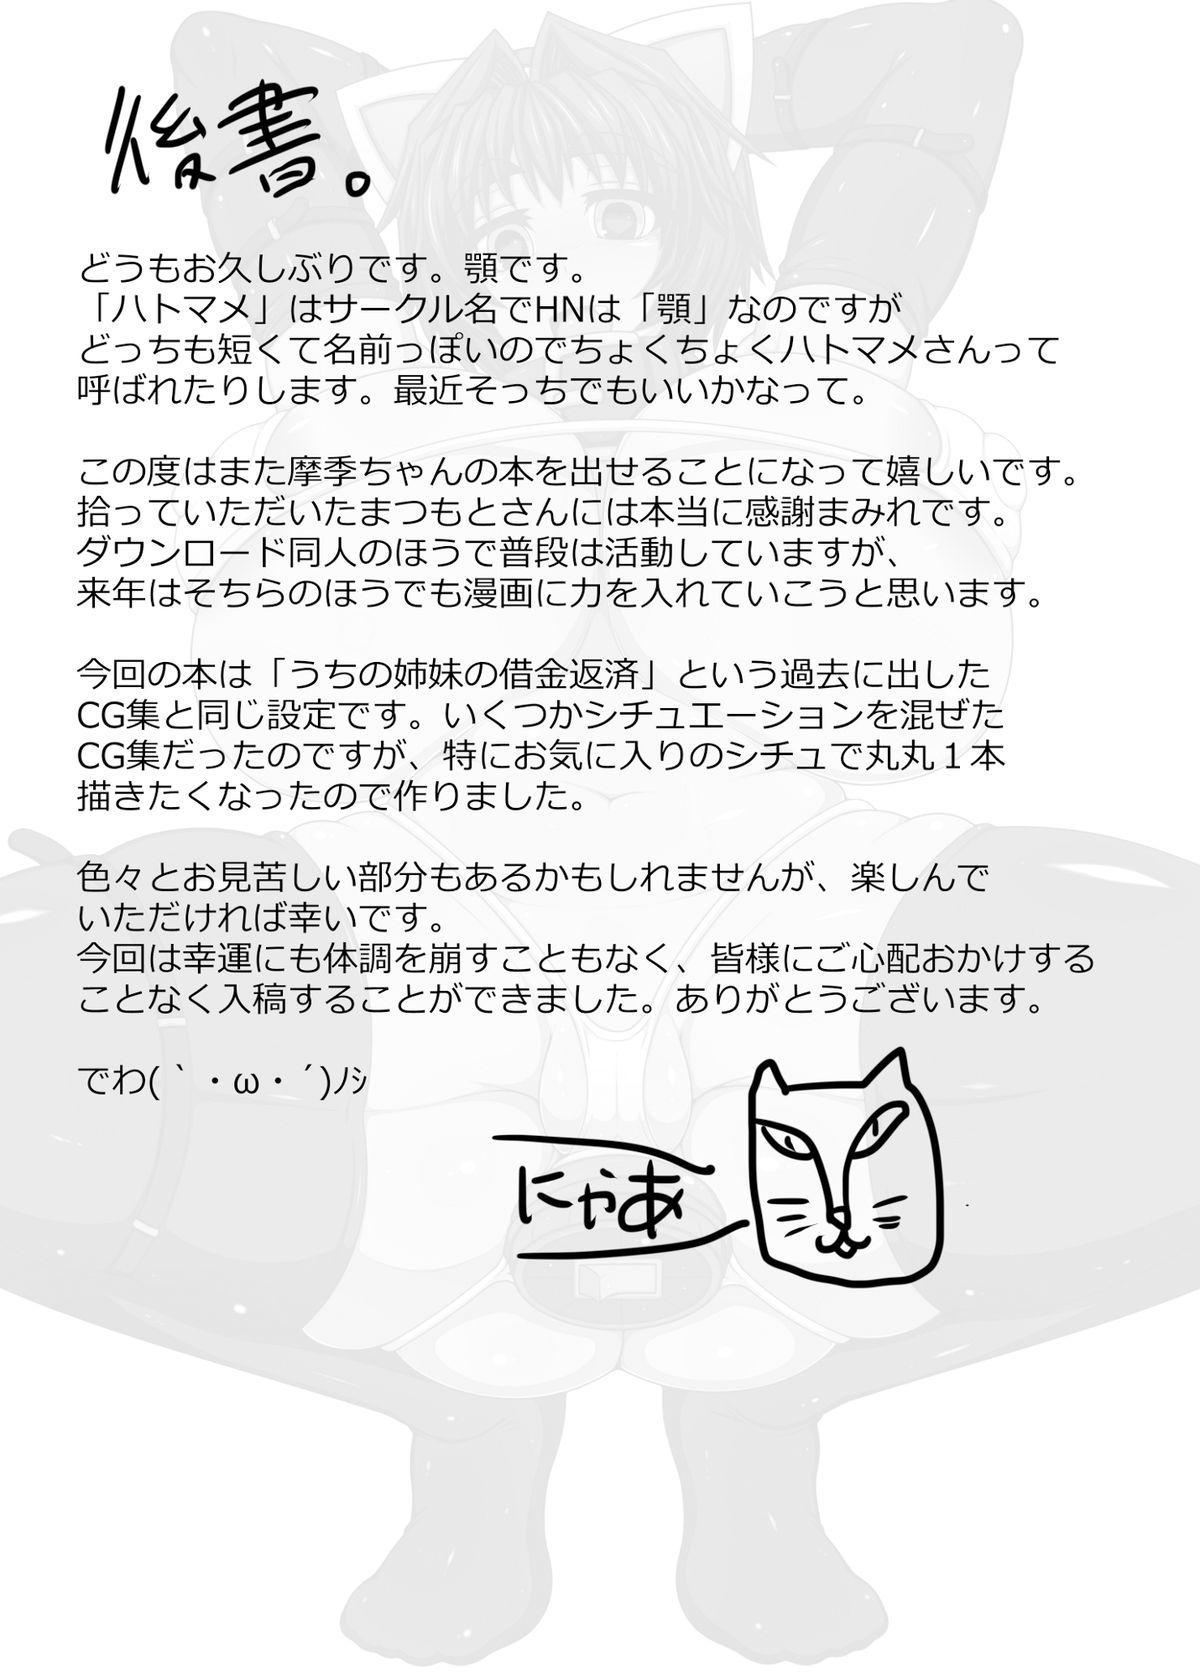 Uchi no Musume no Shakkin Hensai ANOTHER 23